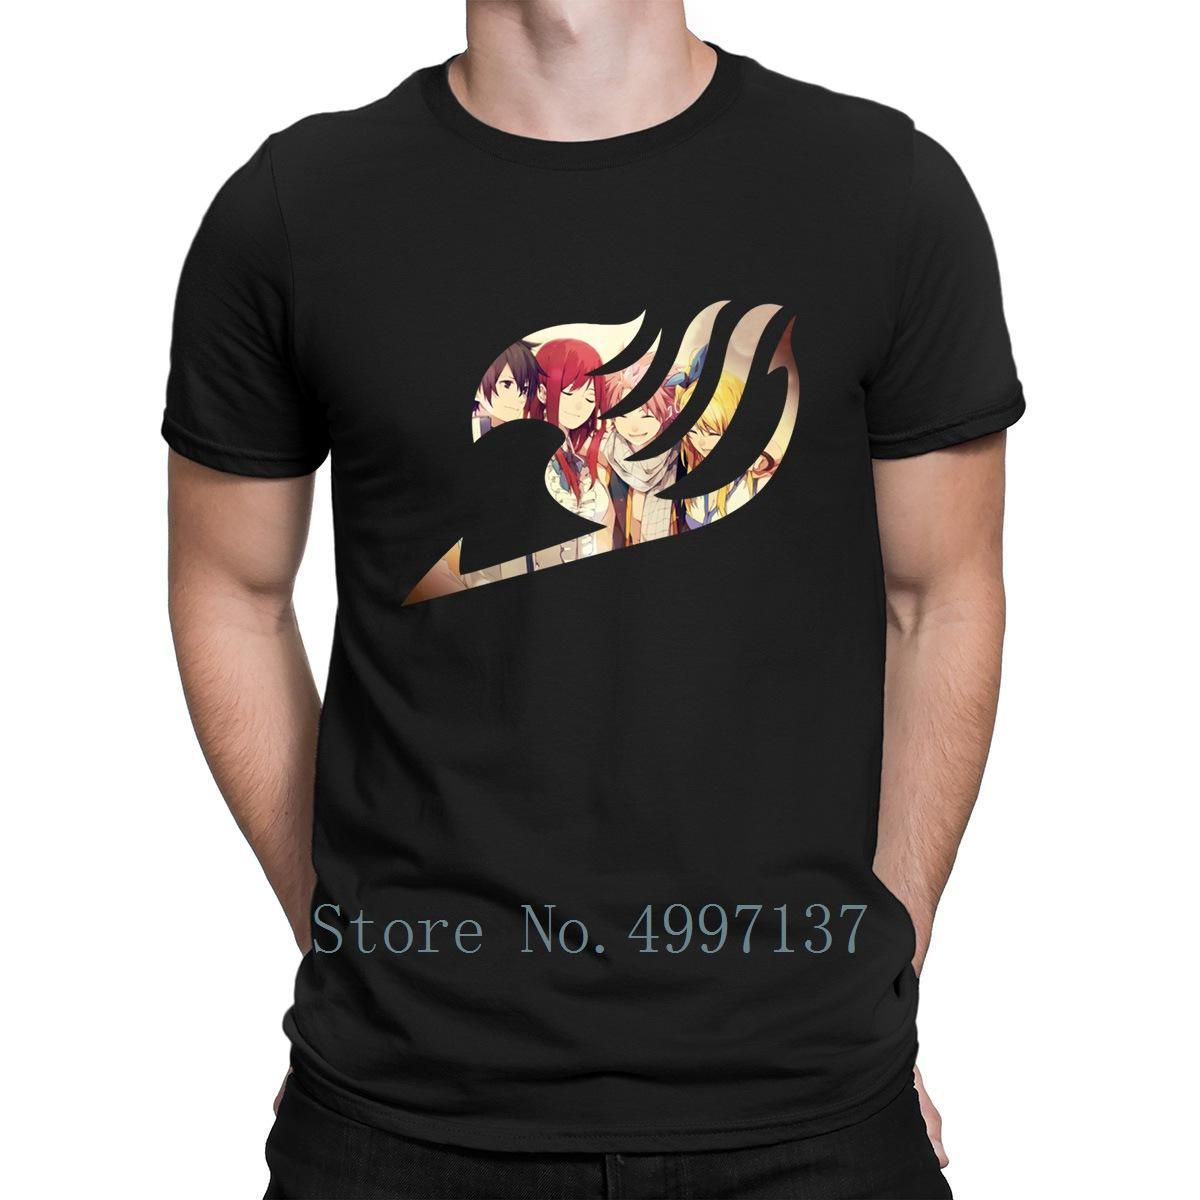 Fairy Tail Organic тенниска Формальное Fit S-3XL Printed Забавный Повседневный Формальное с коротким рукавом Летняя рубашка